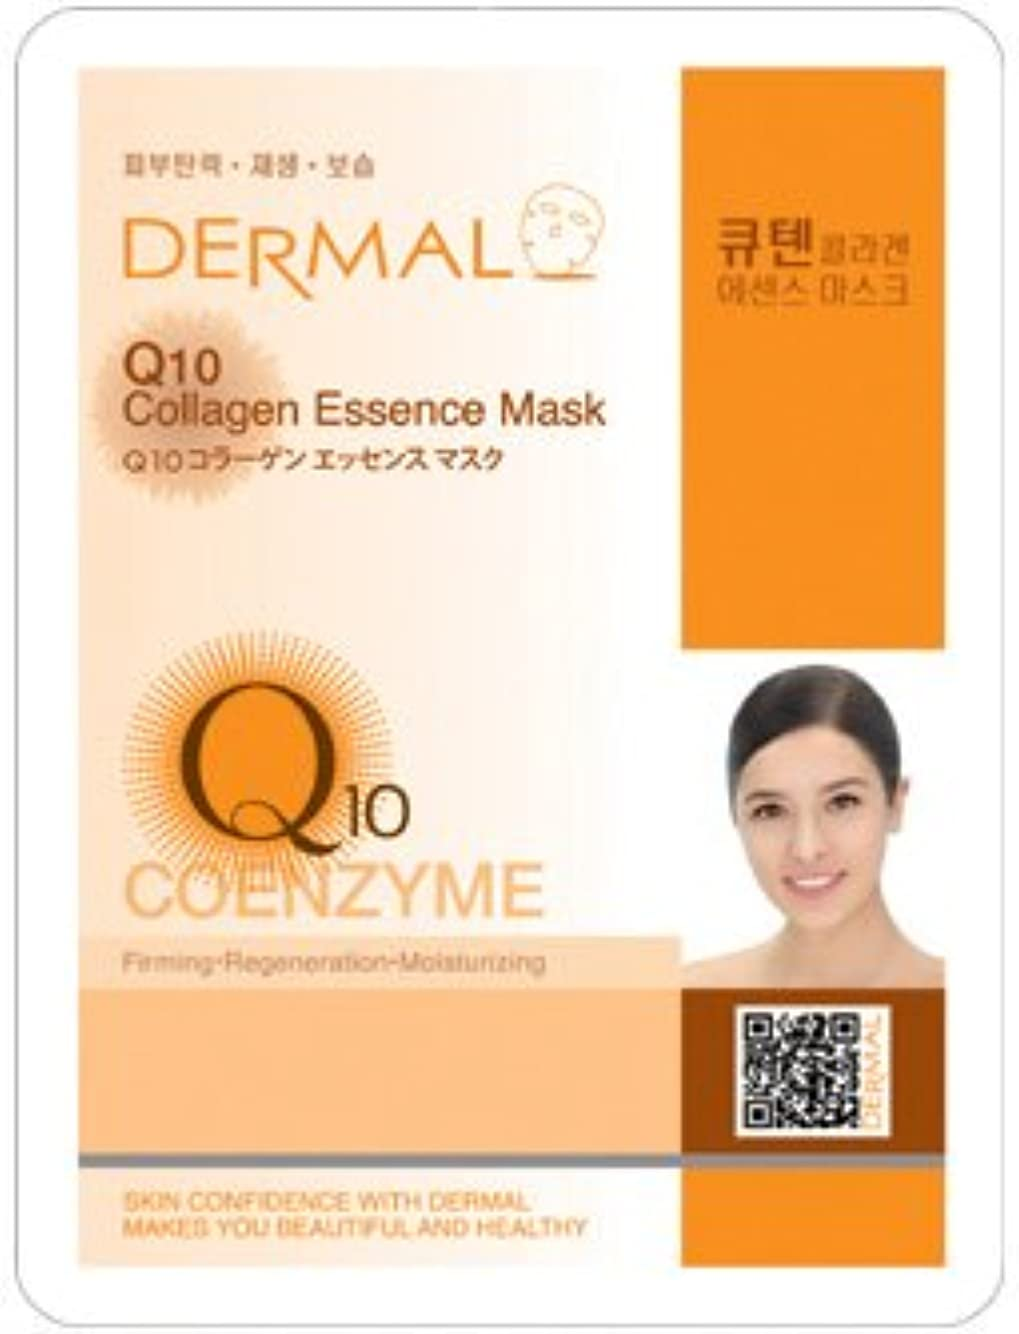 速報フレットエールシートマスク Q10 コエンザイム 10枚セット ダーマル(Dermal) フェイス パック